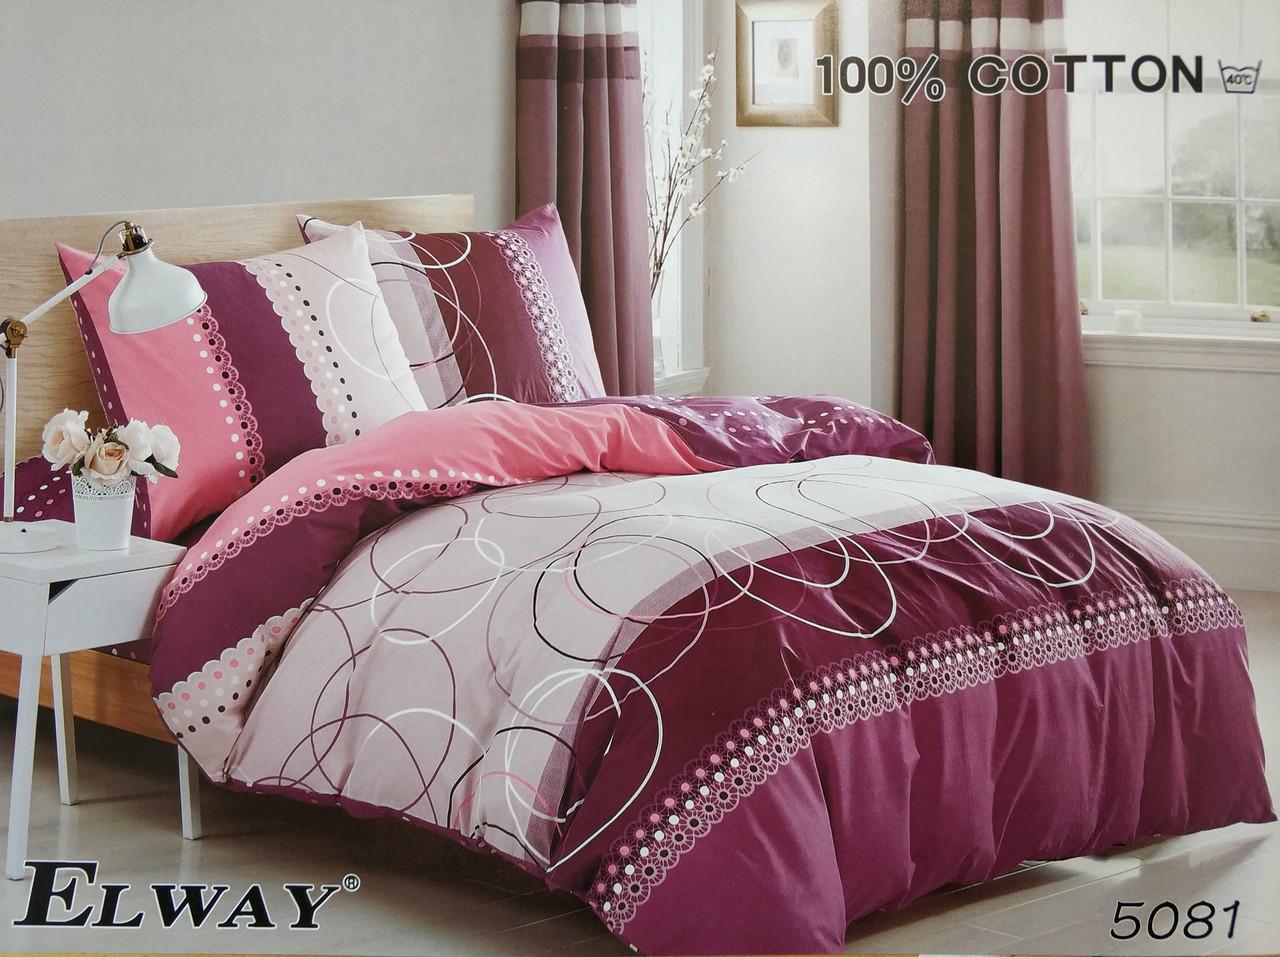 Сатиновое постельное белье полуторное ELWAY 5081 «Геометрические узоры»